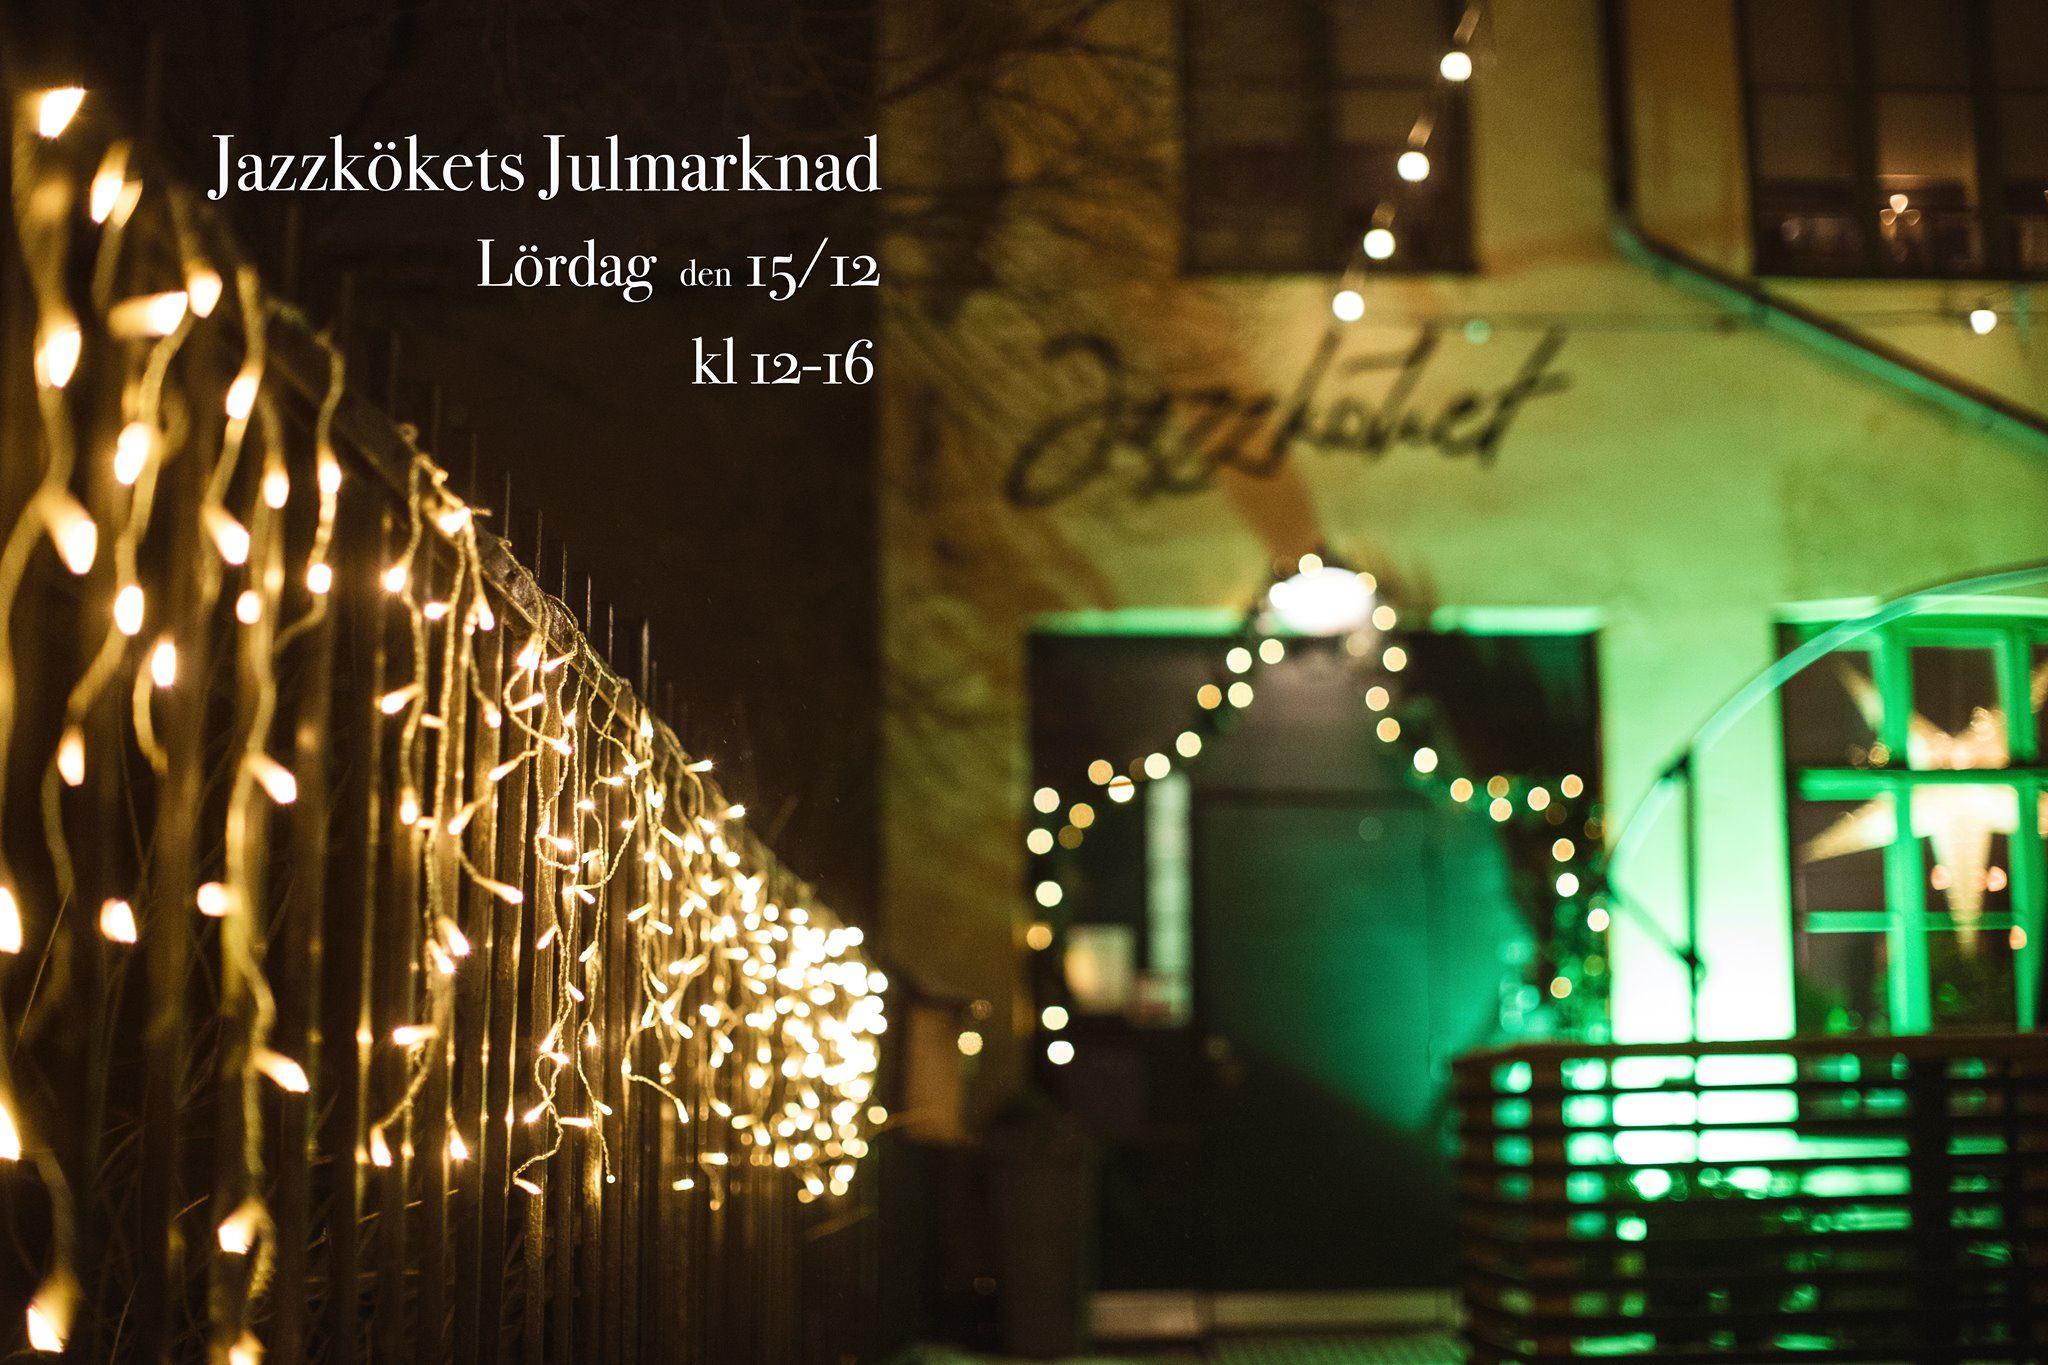 © Copy: https://www.facebook.com/events/291876768092510/, Jazzkökets Julmarknad 2018